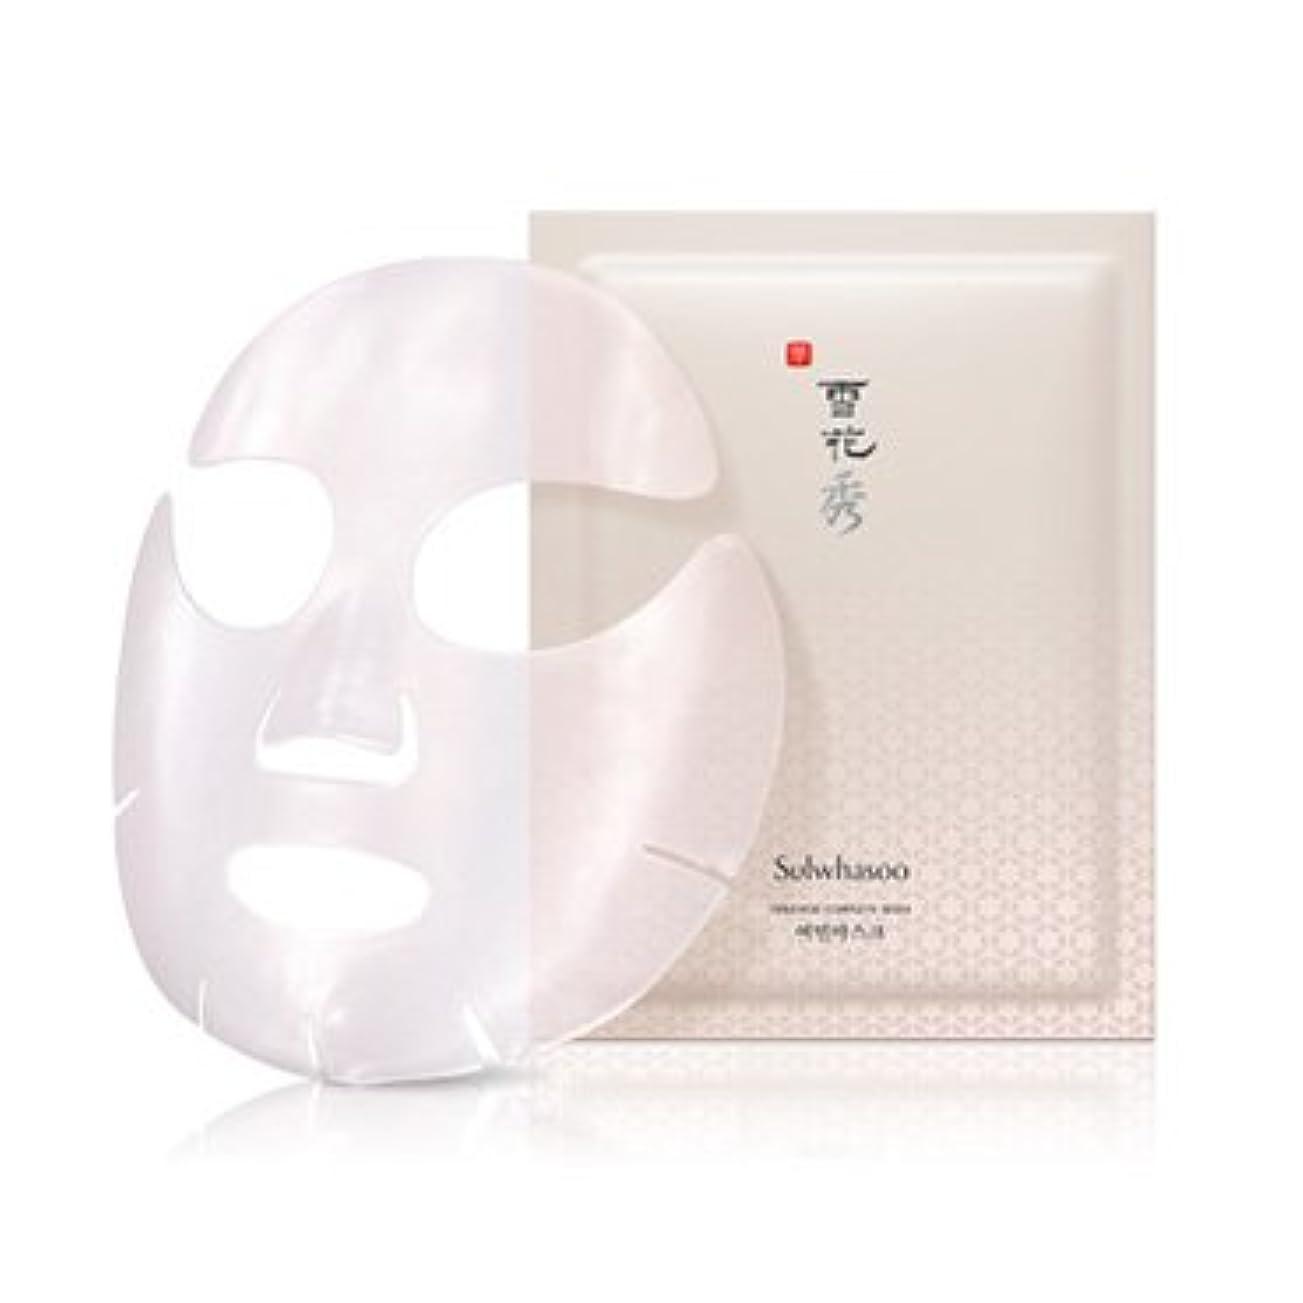 すりアジア人ひらめき雪花秀(ソルファス)ヨミンマスク(Innerise Complete Mask)5枚入